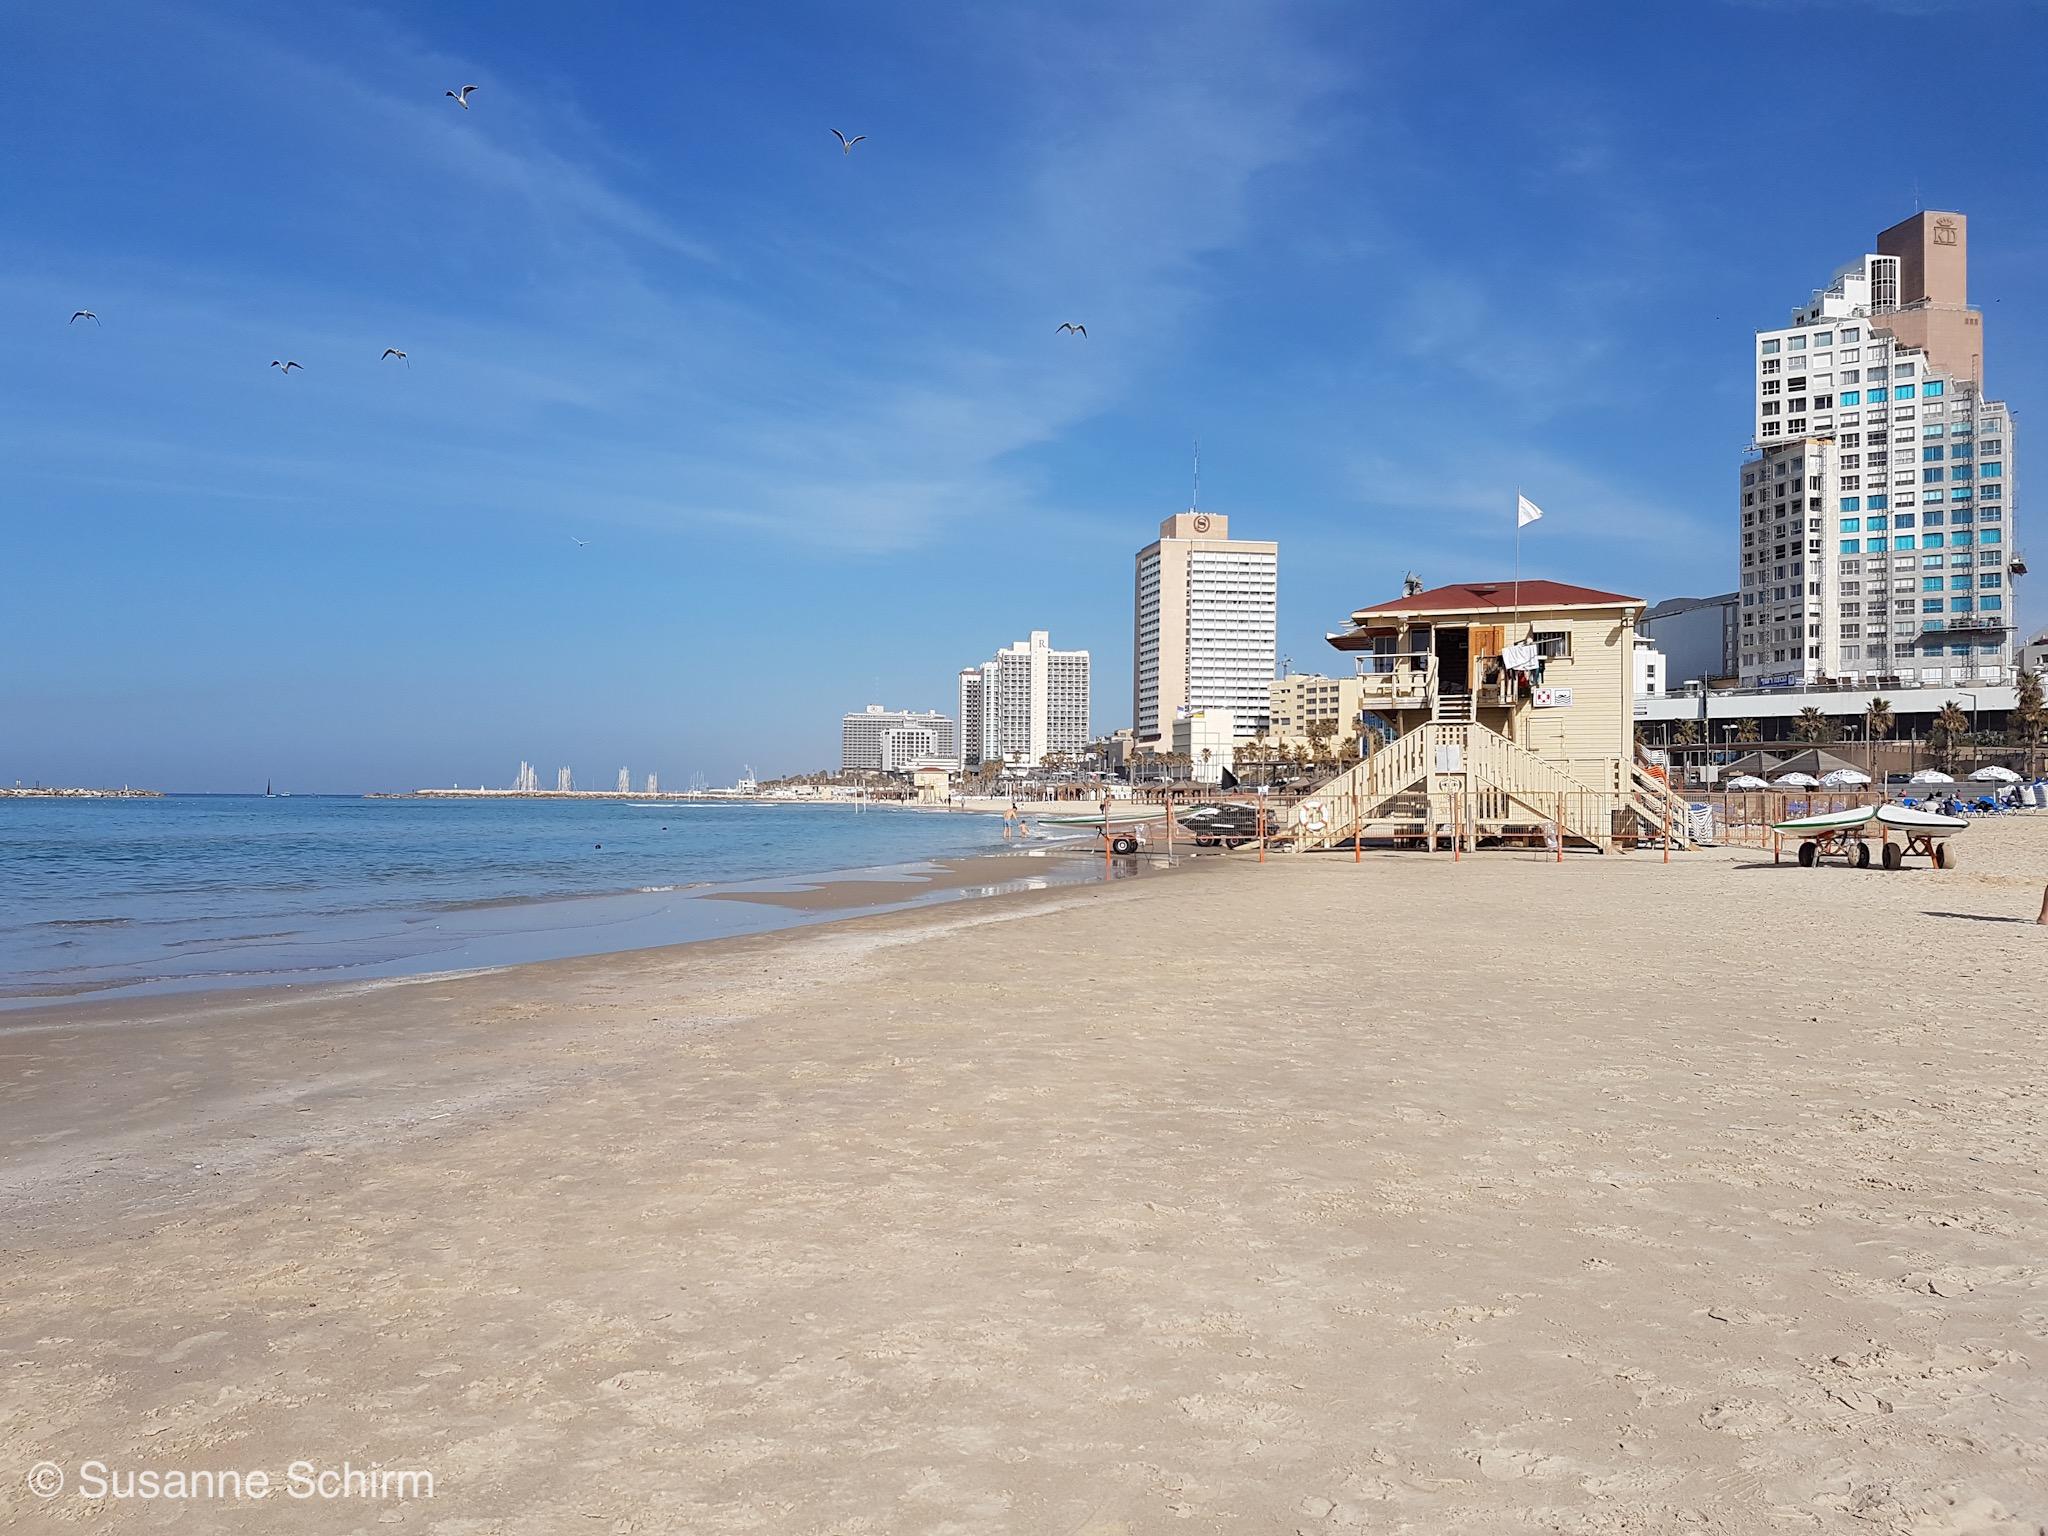 Bild vom Strand in Tel Aviv